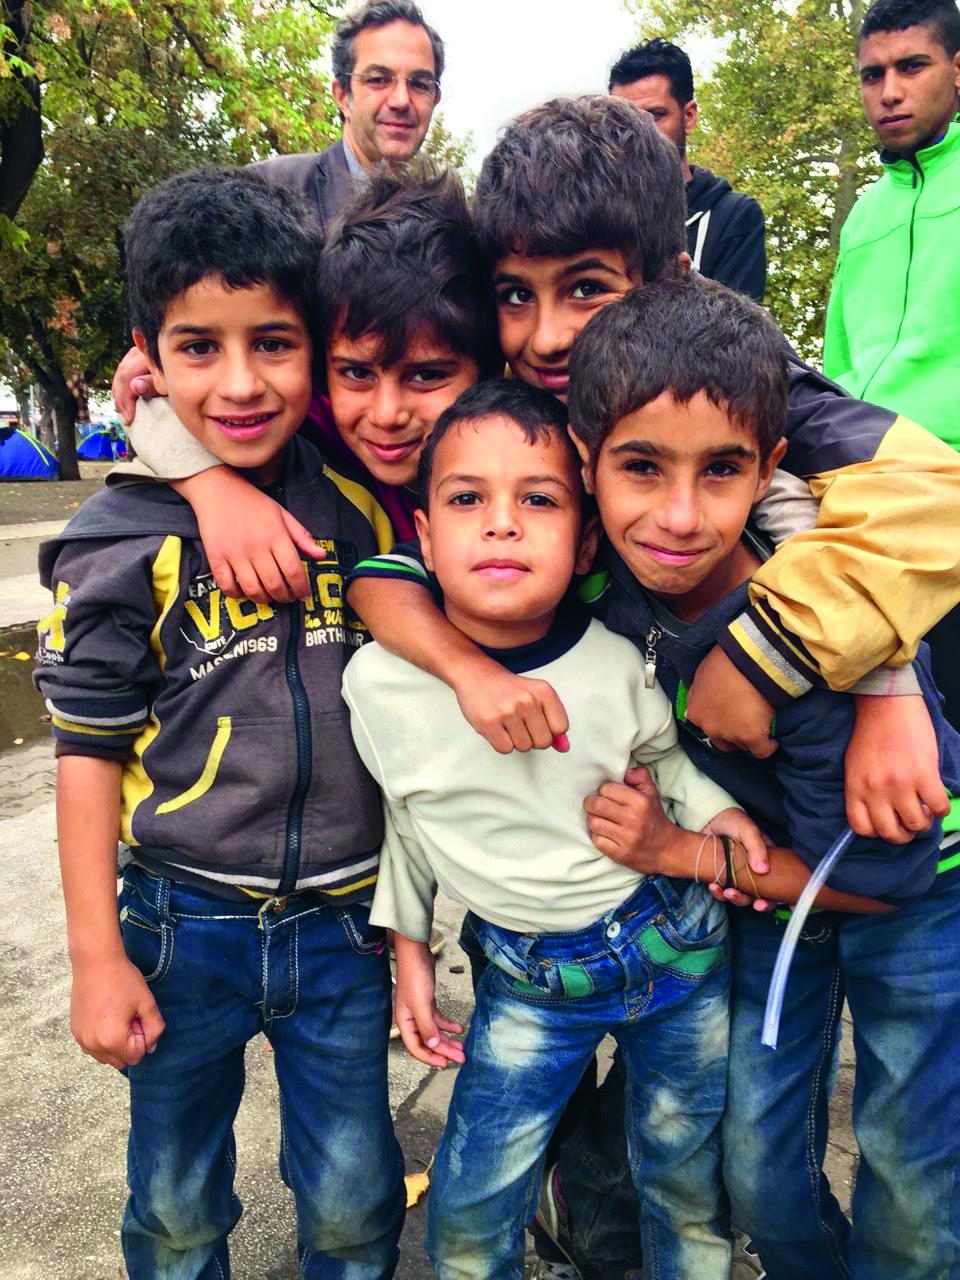 Sirijski dječaci poziraju u parku u središtu Beograda